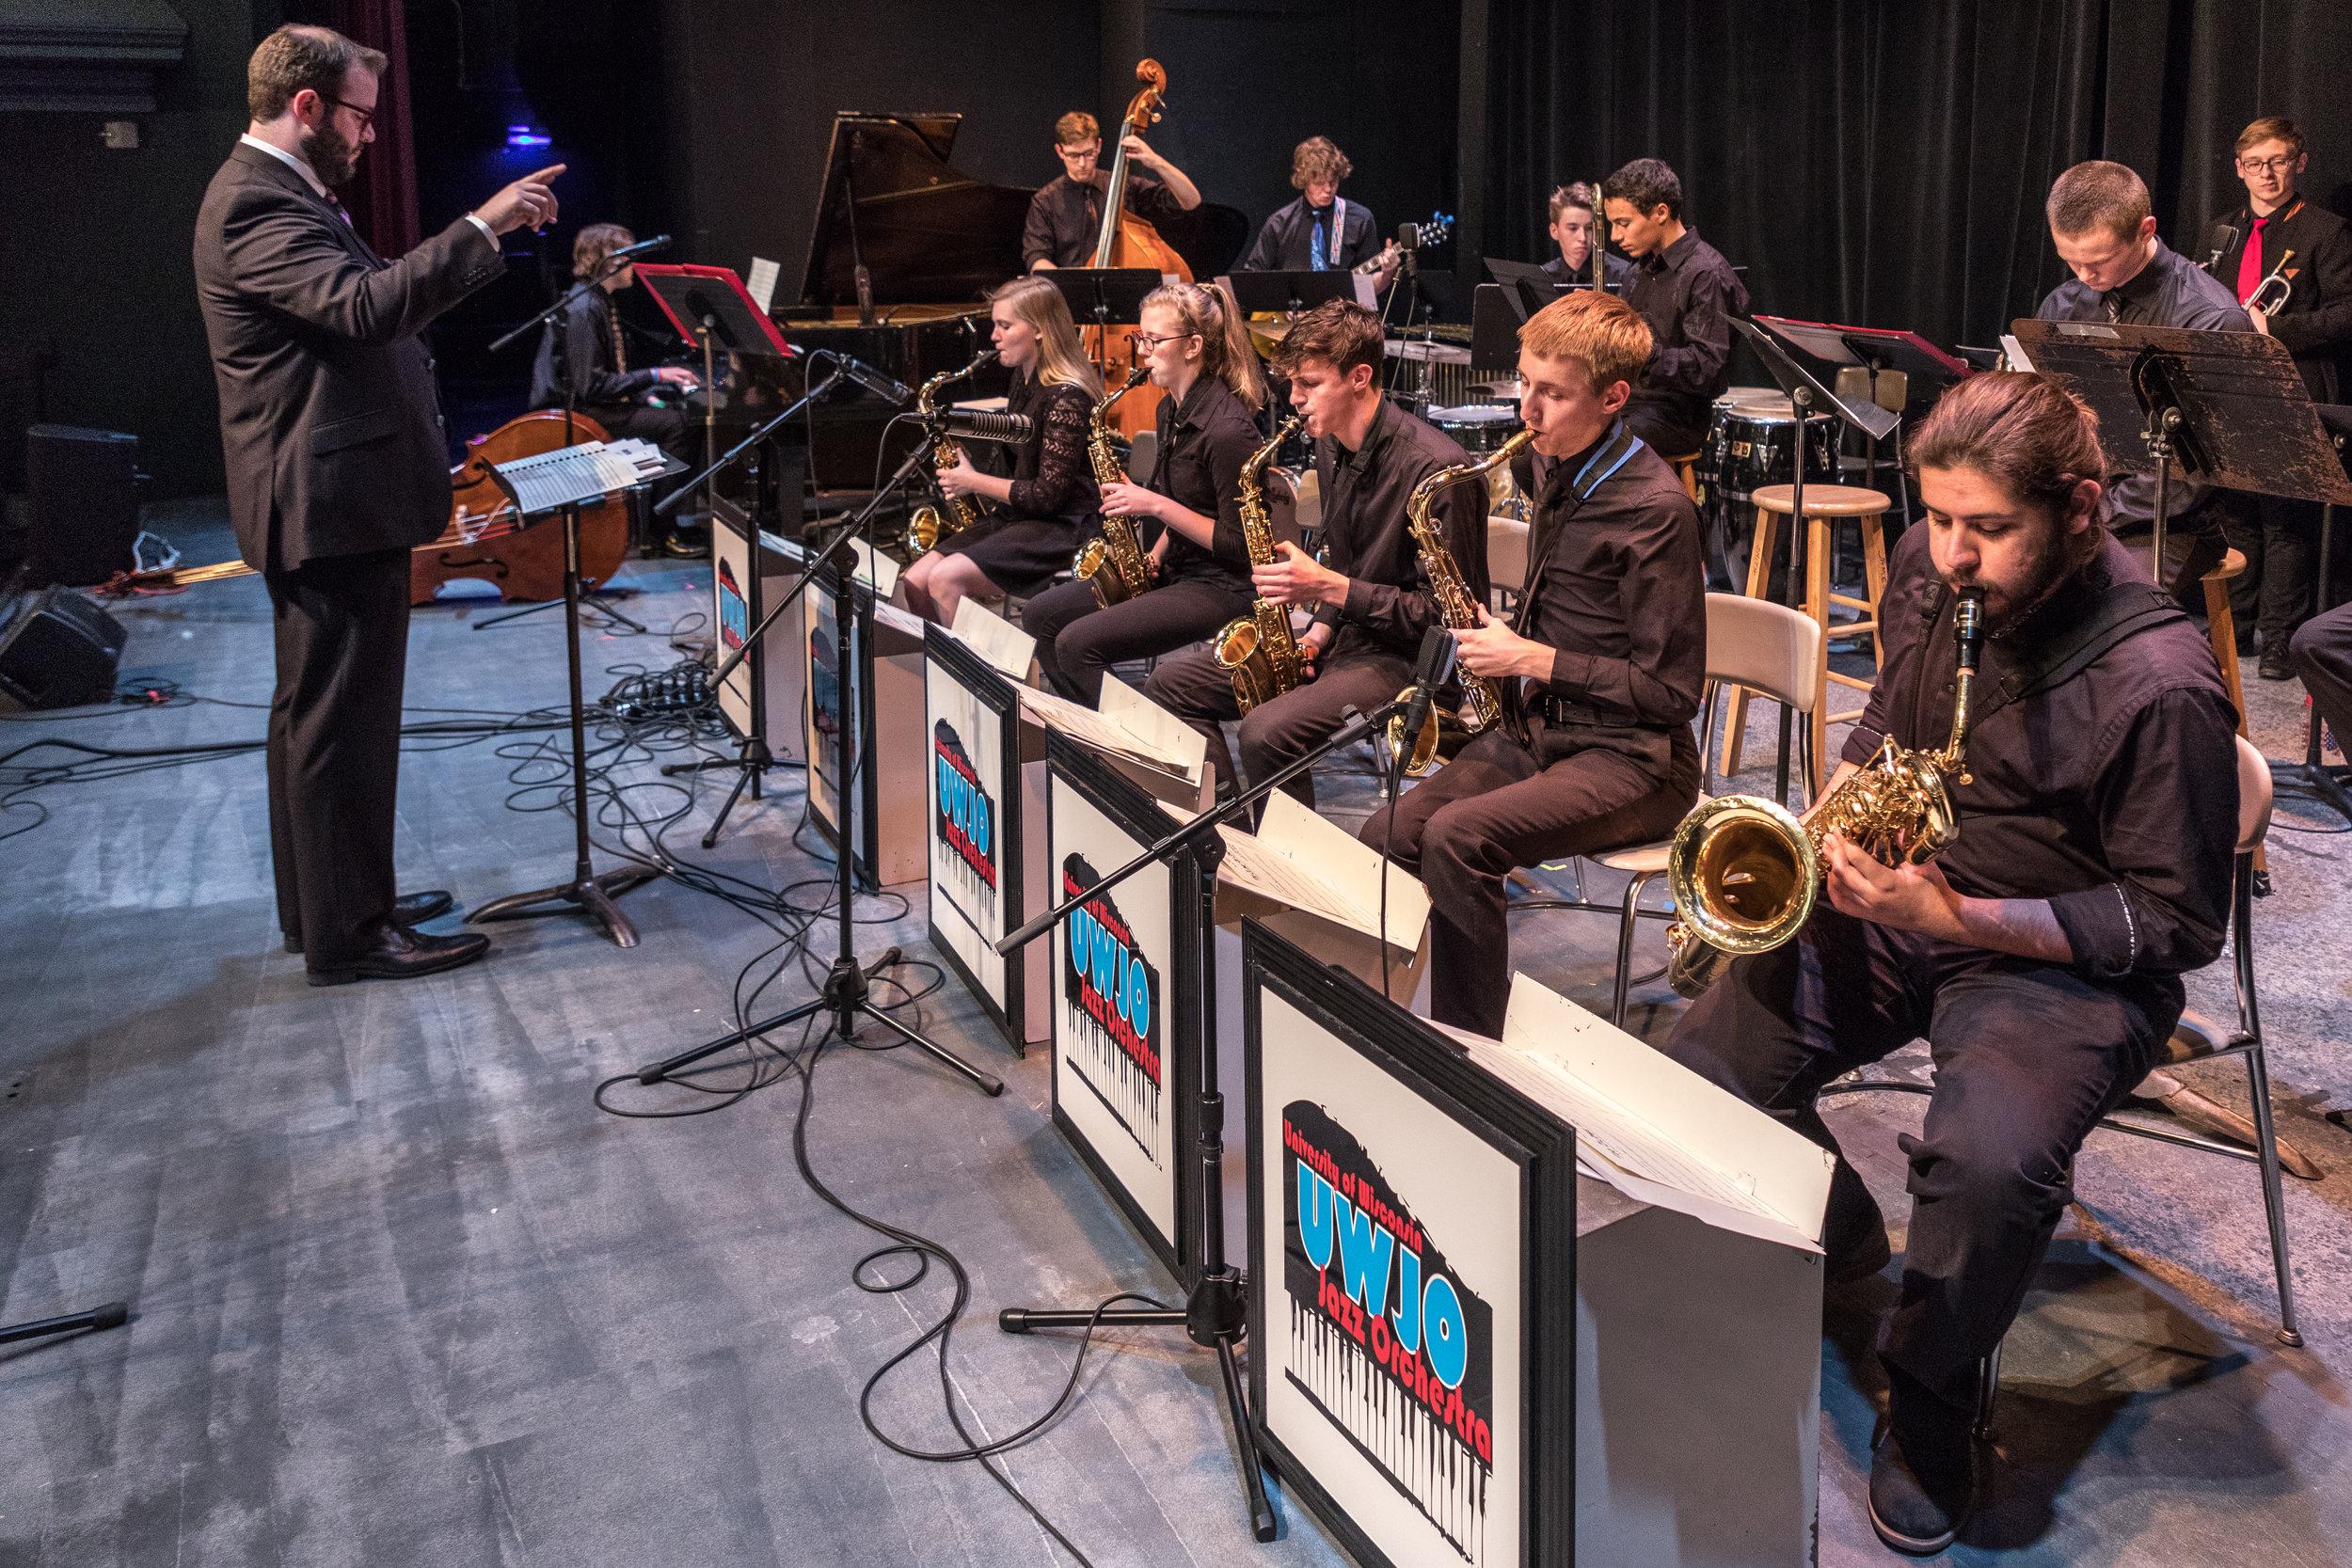 uwmusic-jazzhonorsband-042817-0365.jpg